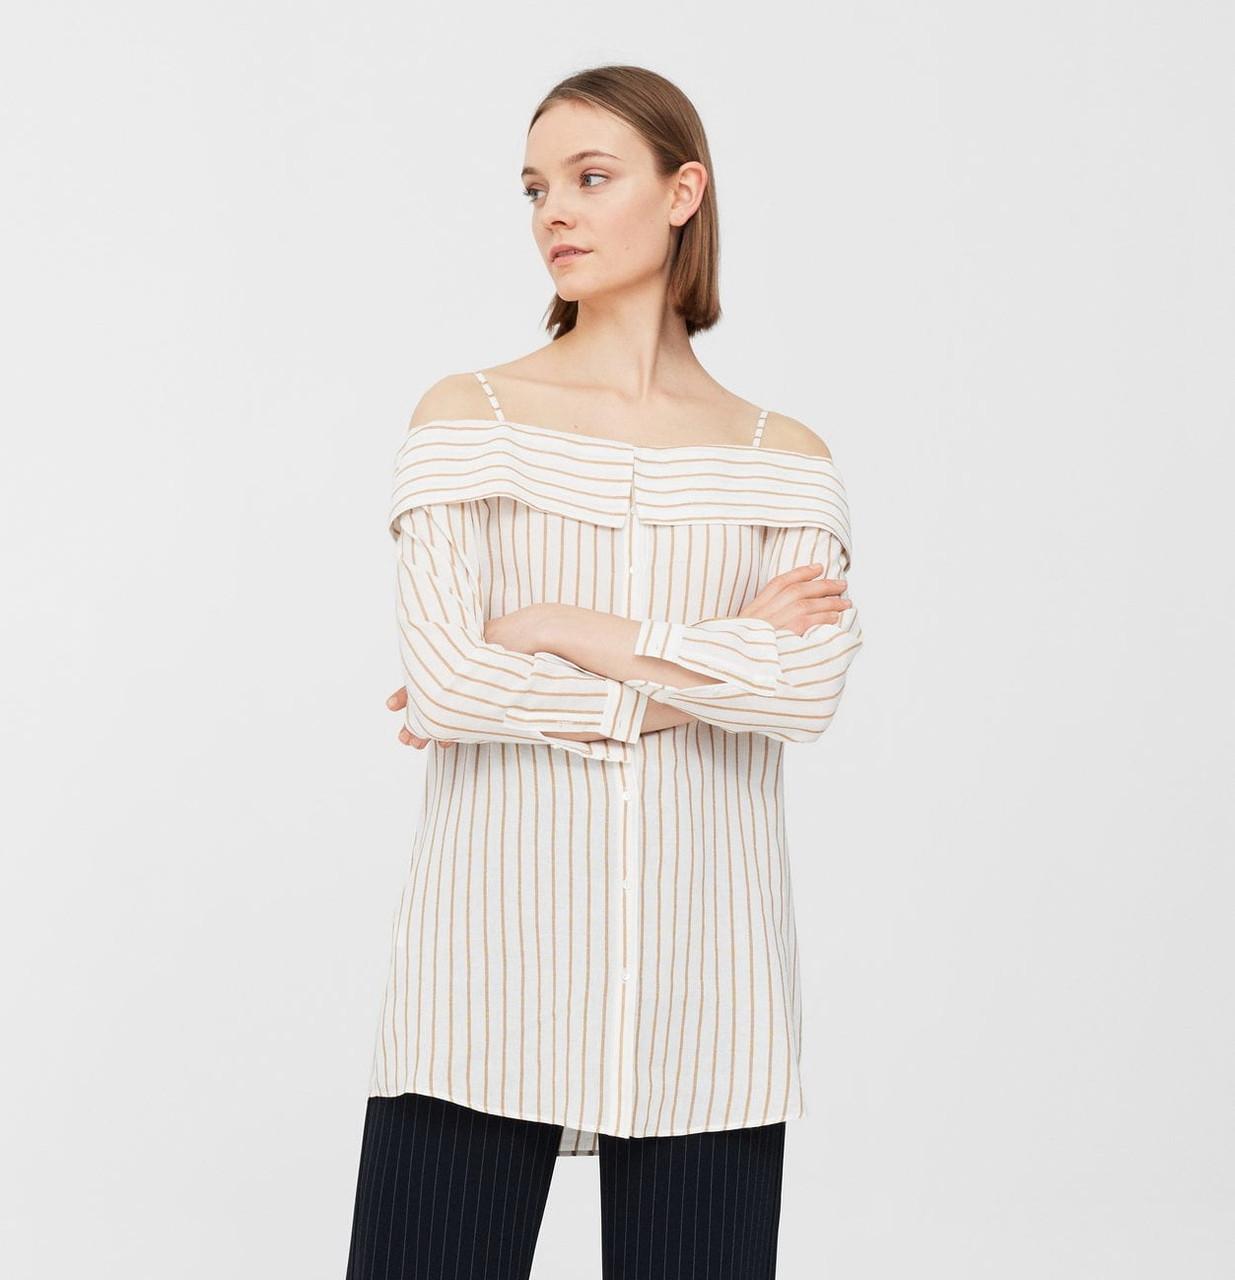 Рубашка женская Mango размер 50-52 RU с открытыми плечами